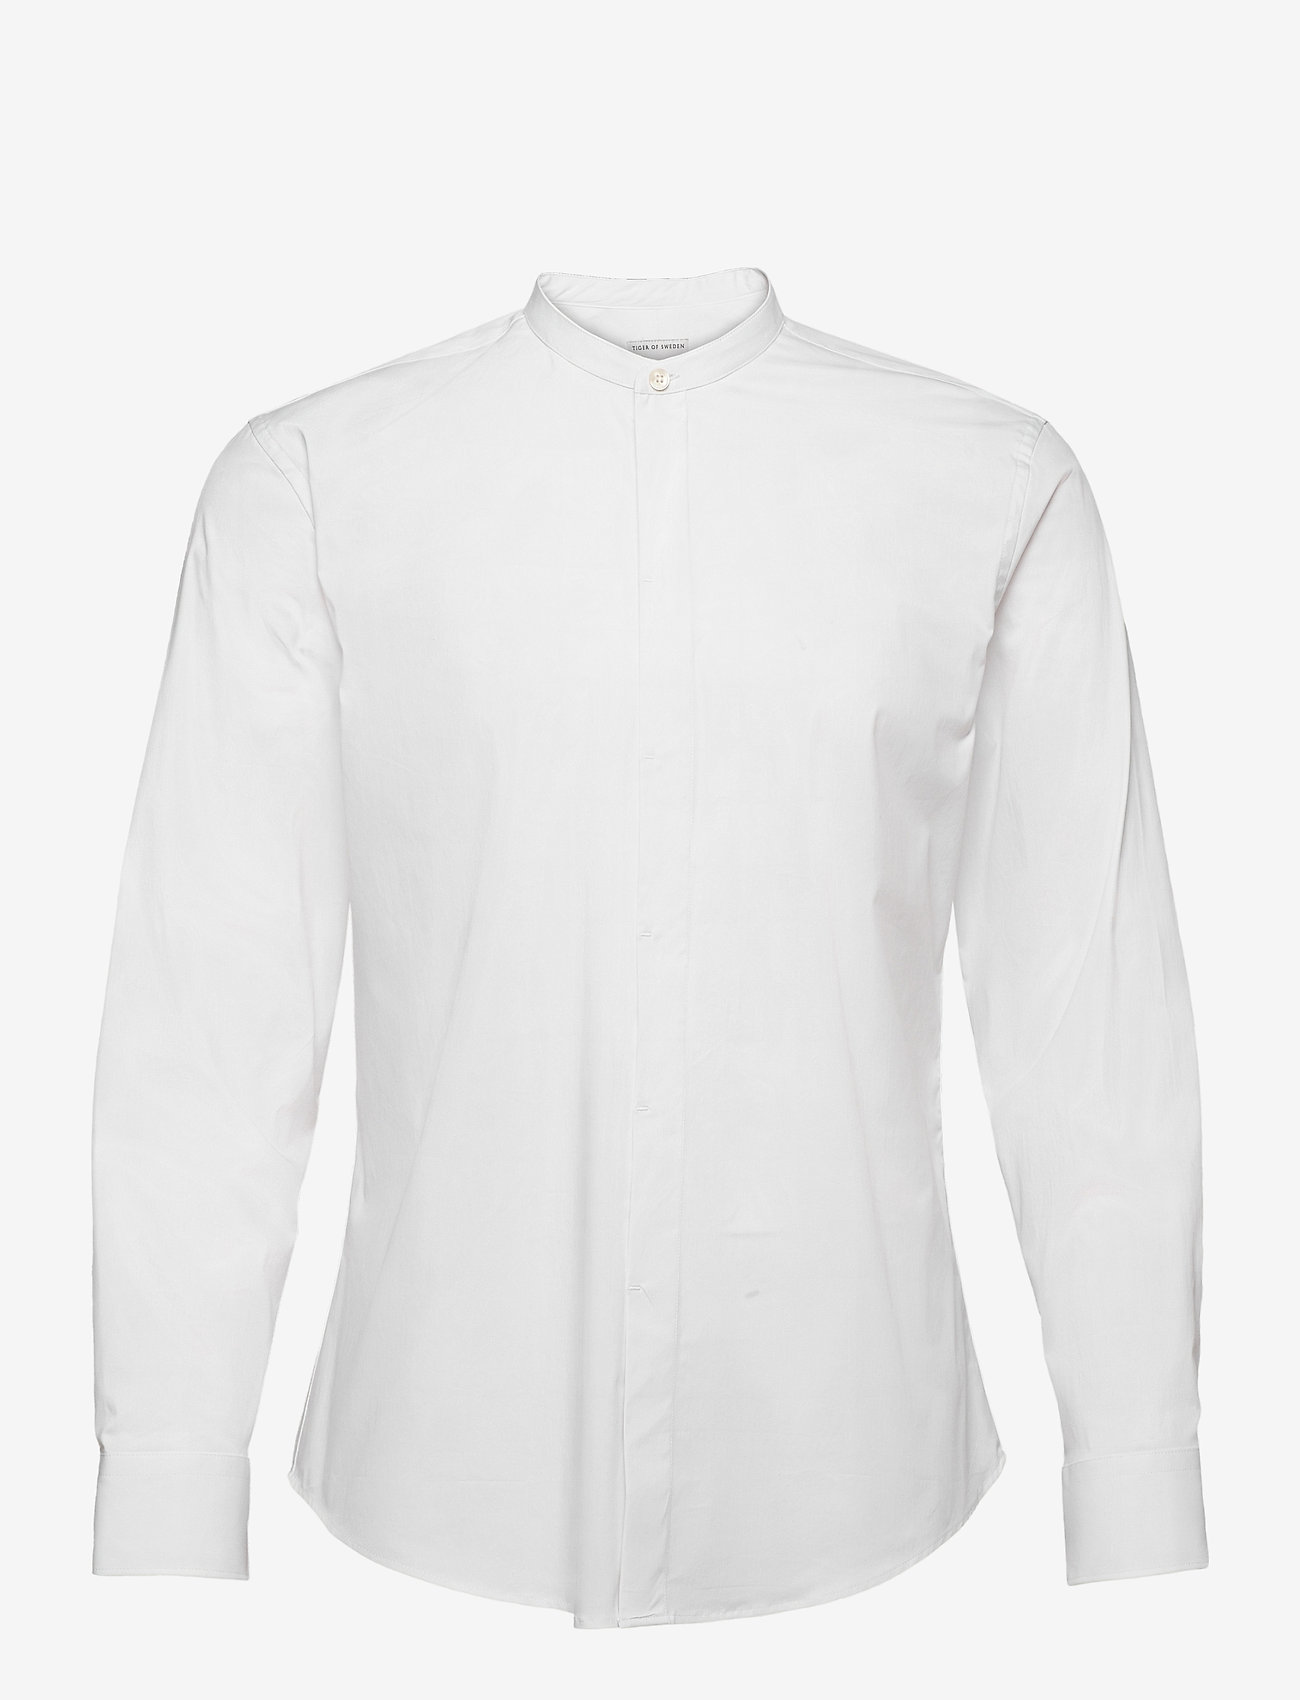 Tiger of Sweden - FORWARD - basic skjorter - pure white - 0